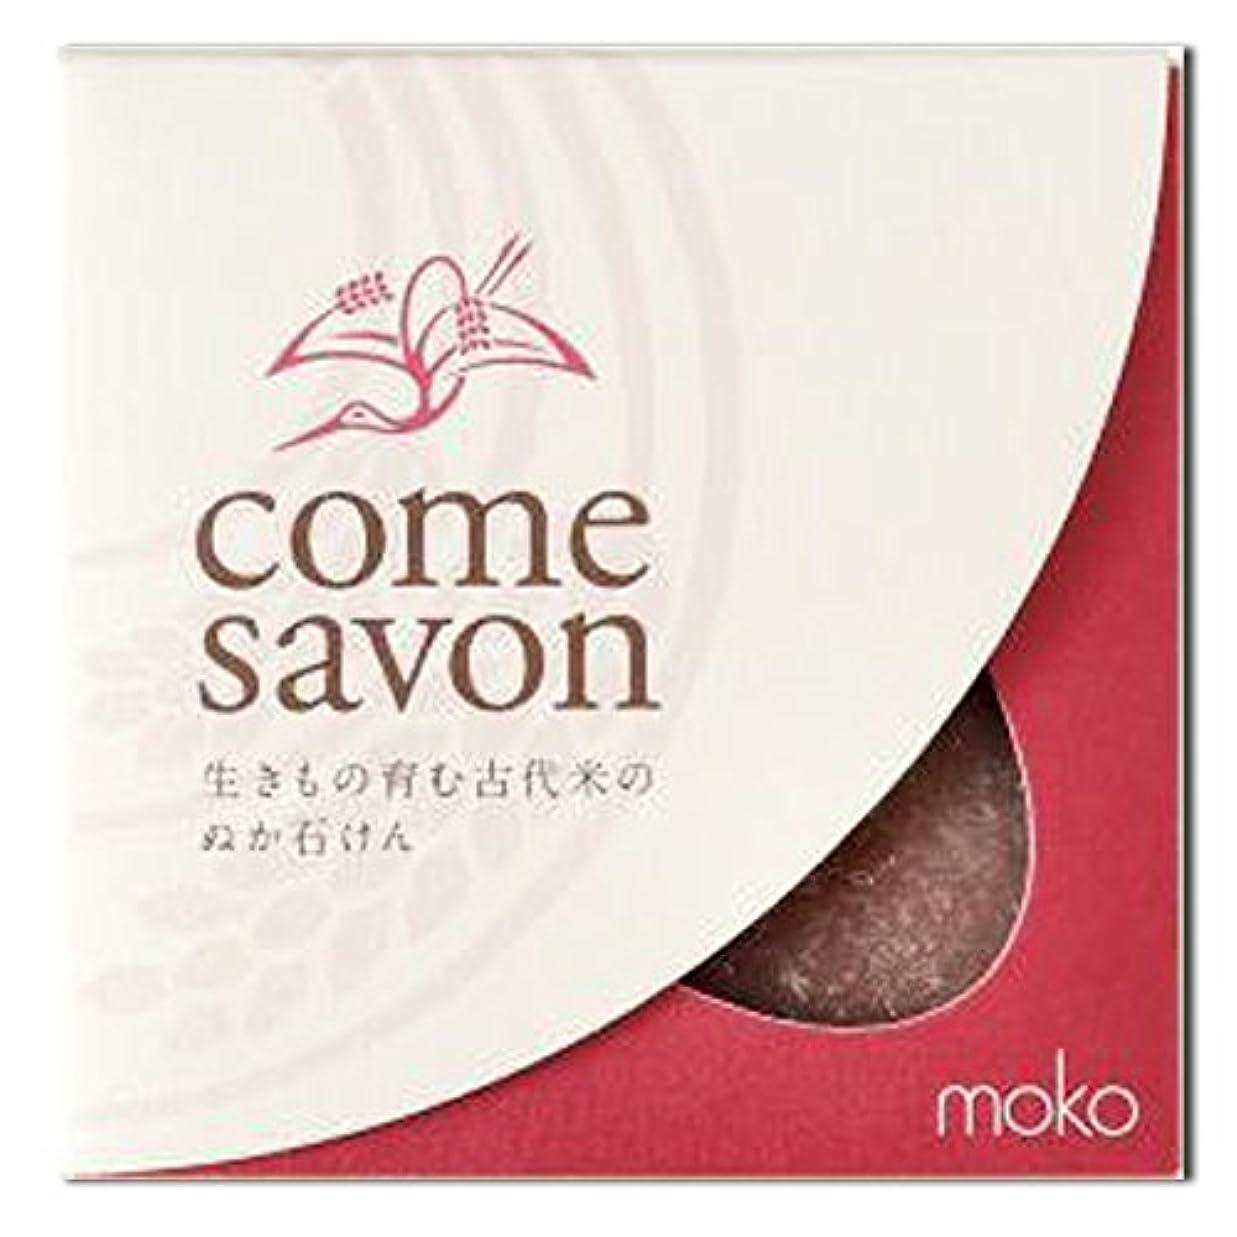 次いつ偽善無添加手作り石けんcome savon 紅 しっとりタイプ